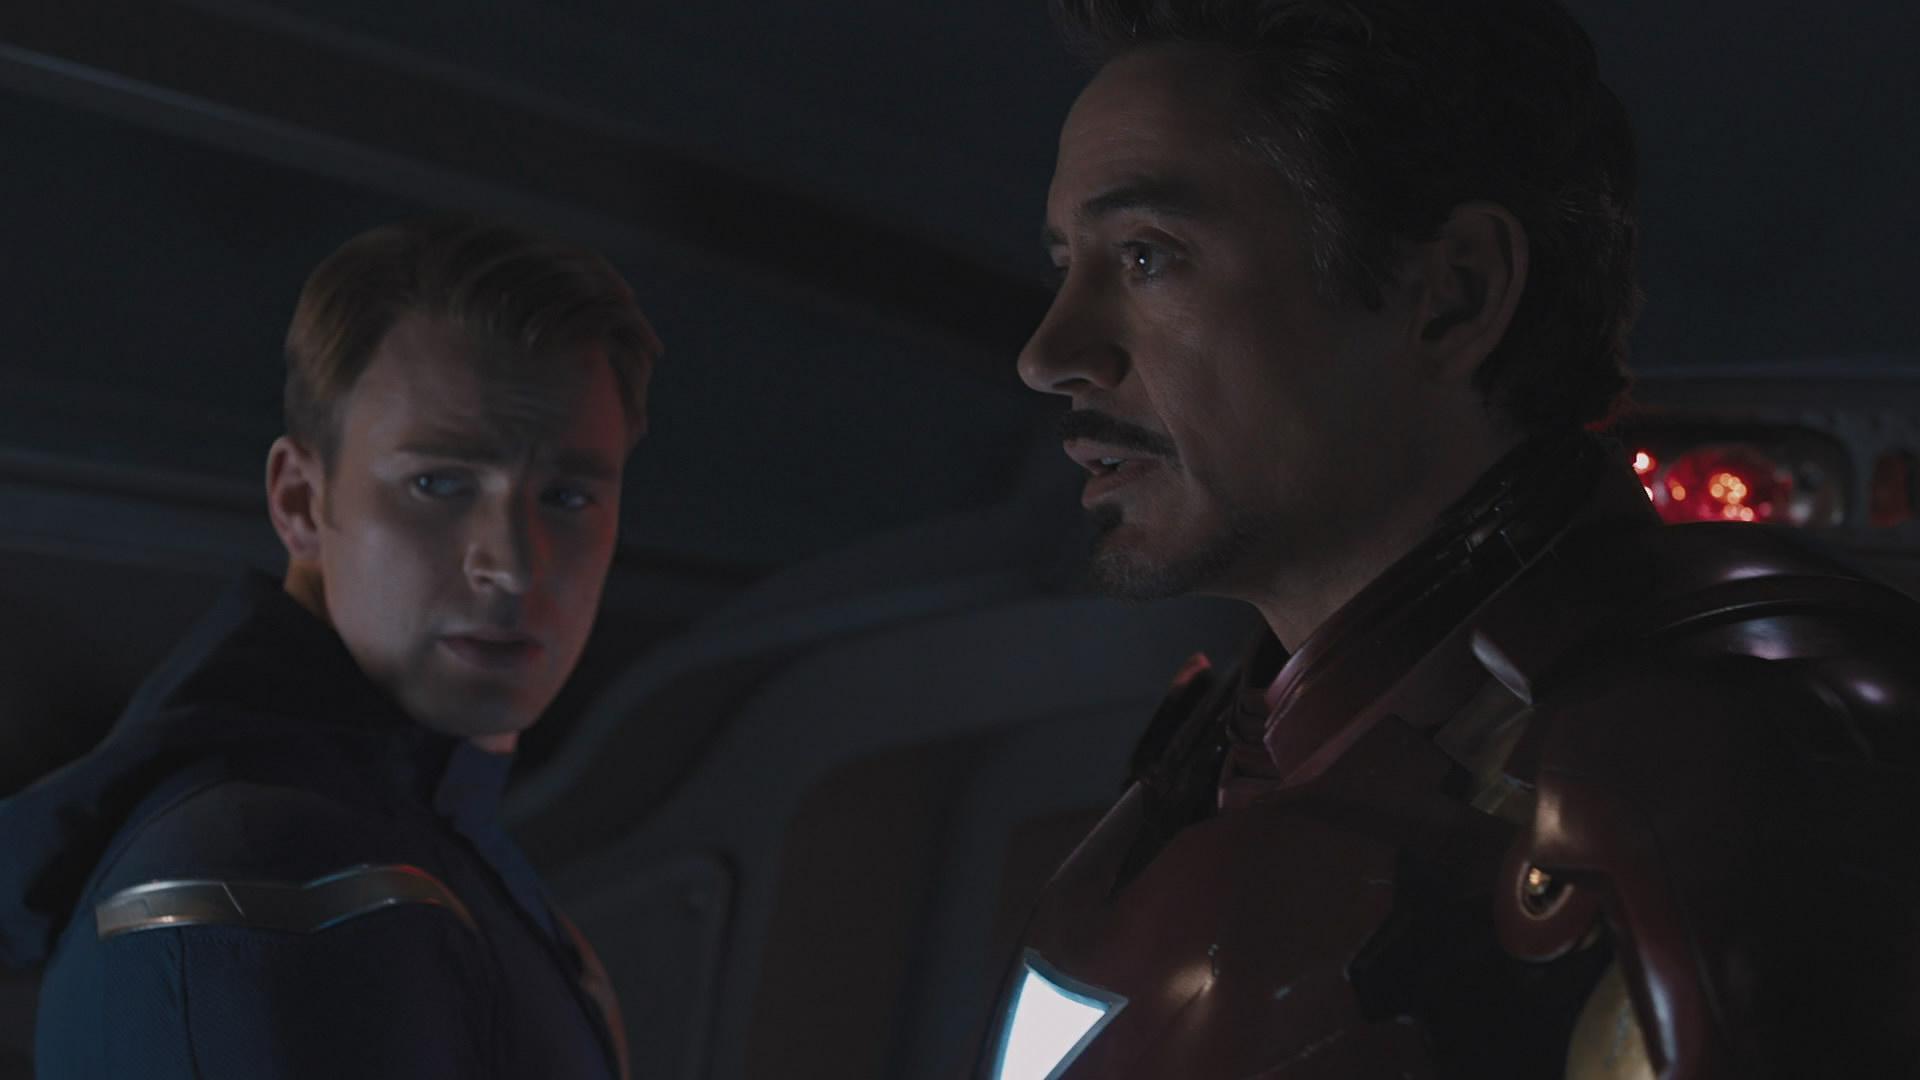 Мстители, The Avengers (2012), 2-я страница - Фильмы ...